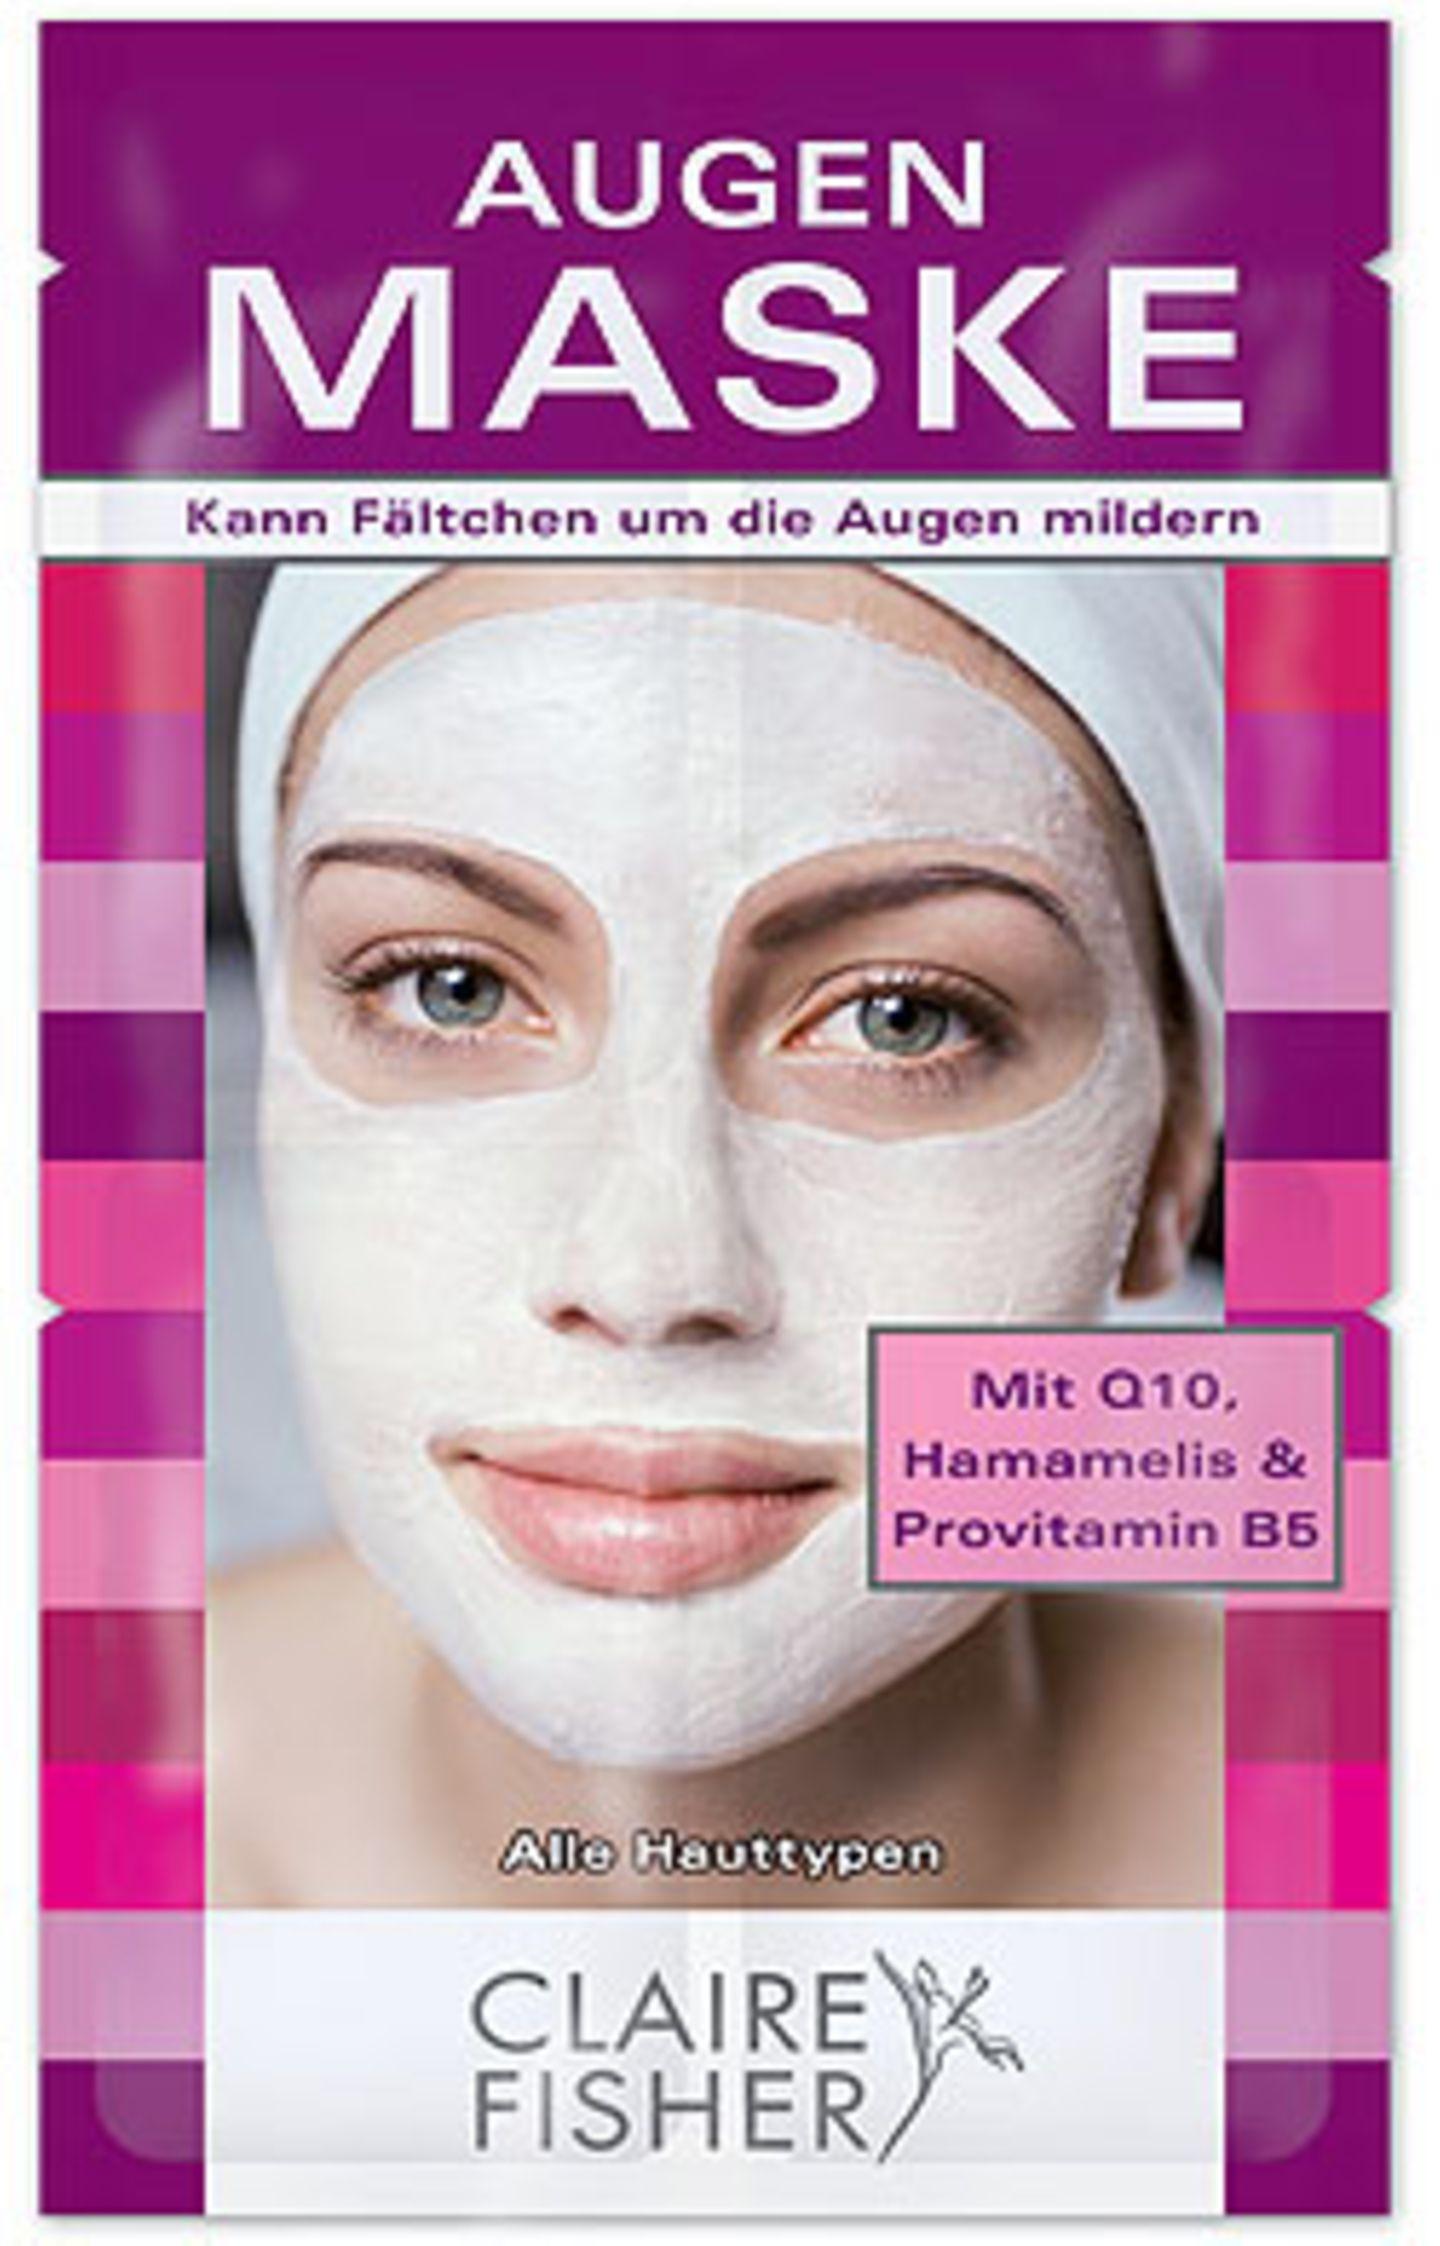 Für empfindliche Augenpartien ist diese Augenmaske von Claire Fisher genau das Richtige: mit Coenzym Q10, Hamamelis und Provitamin B5, ca. 2 Euro.